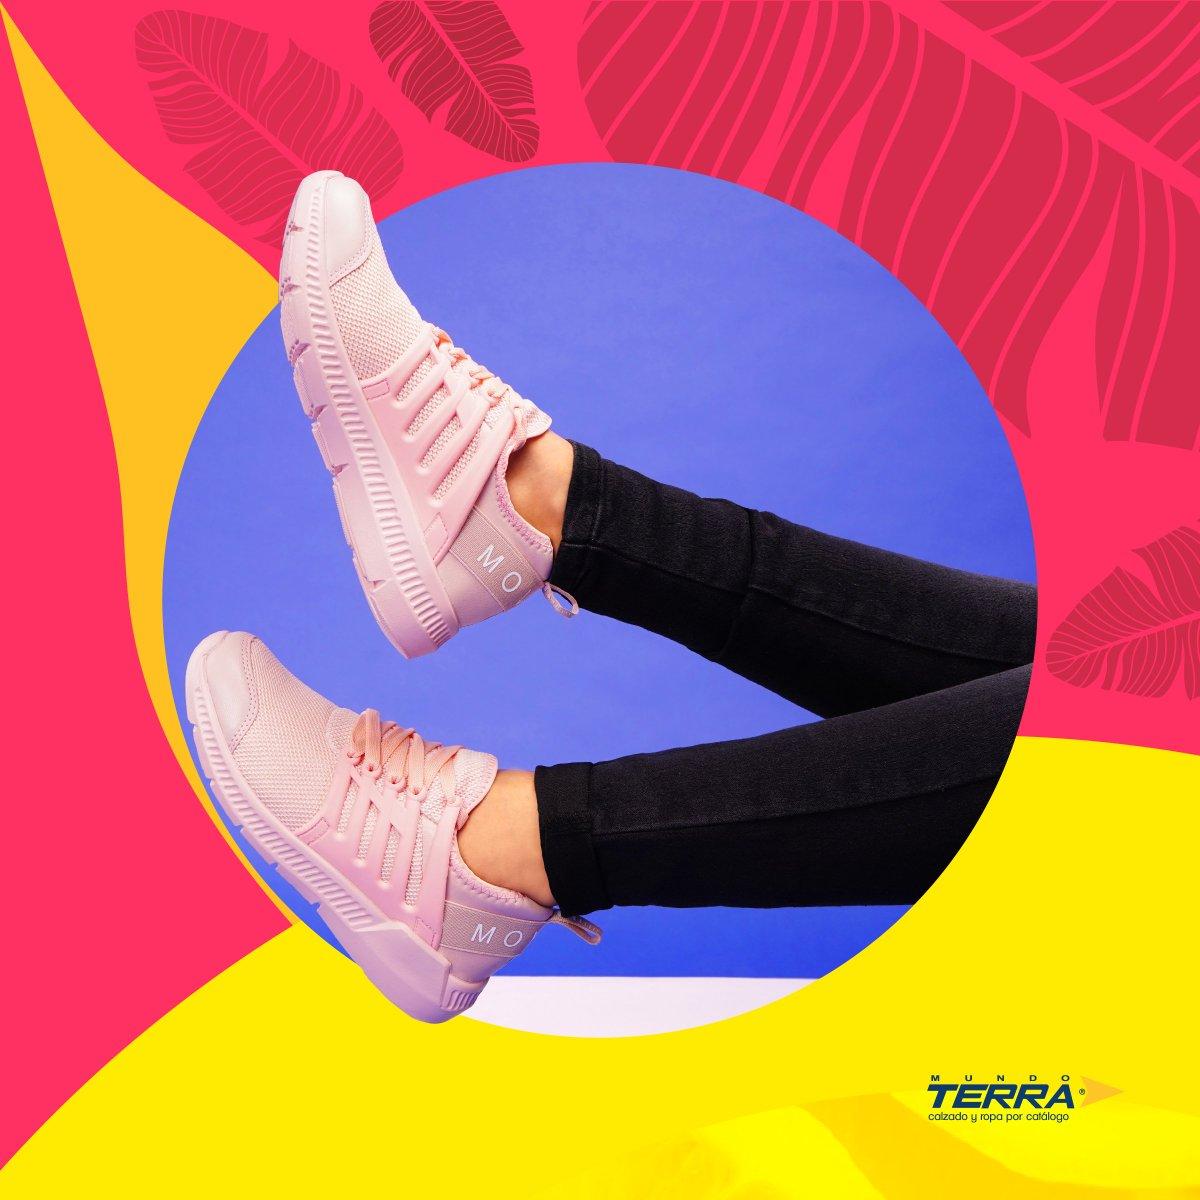 Atrévete a descubrir tu lado más loco con un estilo urbano.   #mundoterra #shoes #tenis #shoeslover https://t.co/JonHa5ZOhm